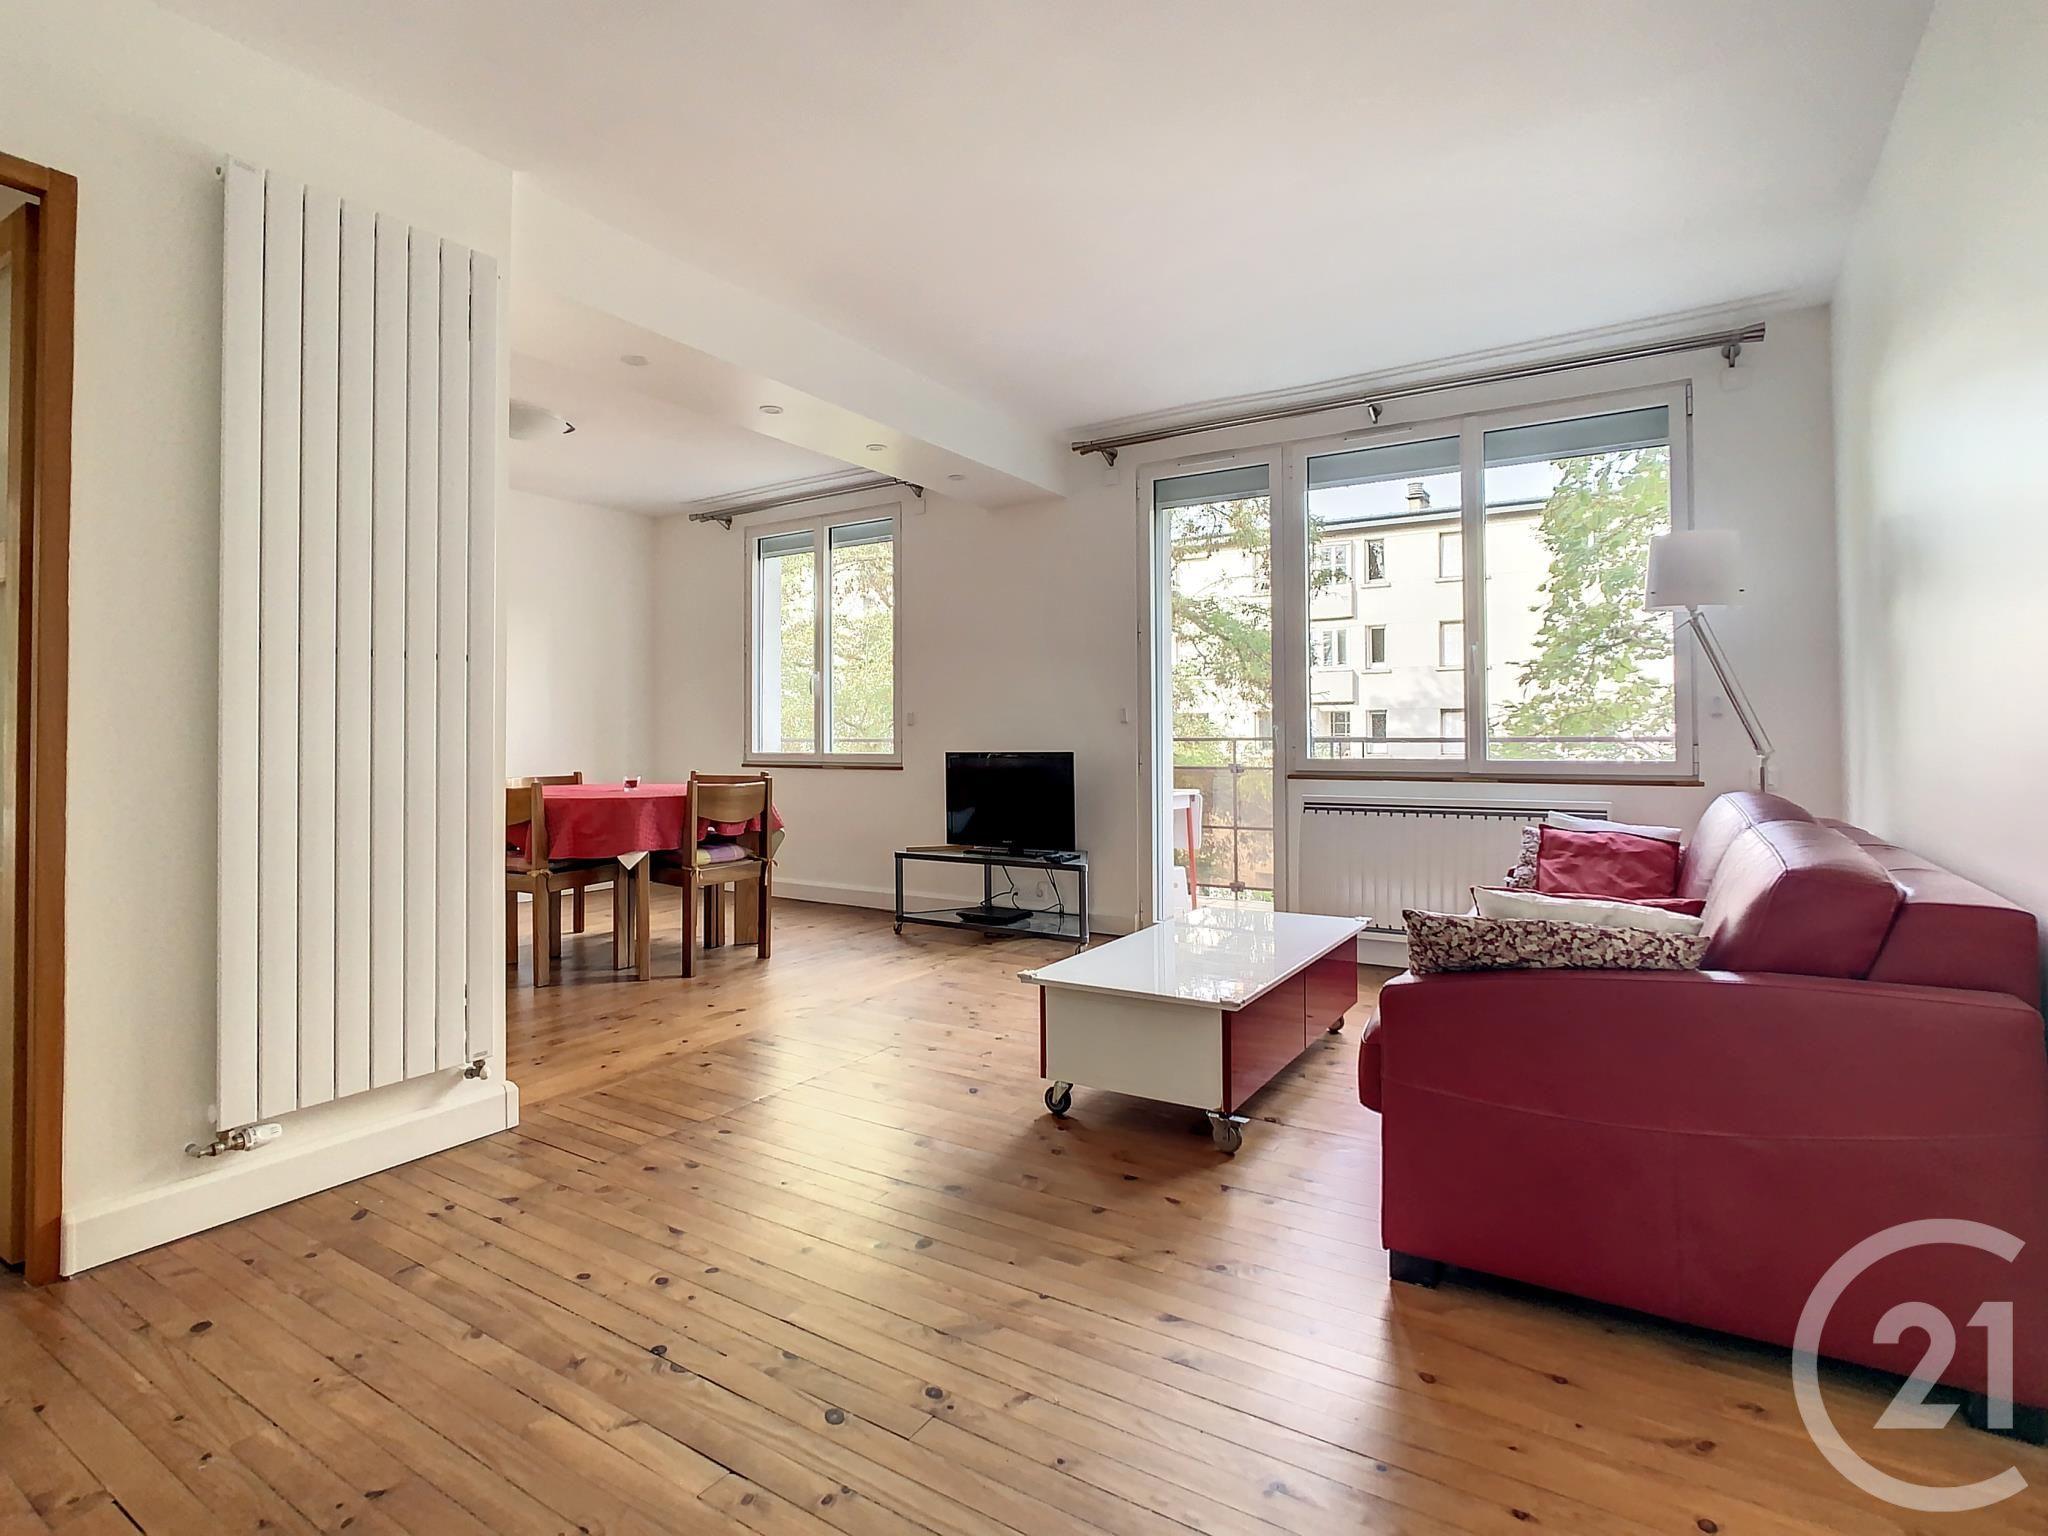 Appartement a louer boulogne-billancourt - 4 pièce(s) - 87.4 m2 - Surfyn